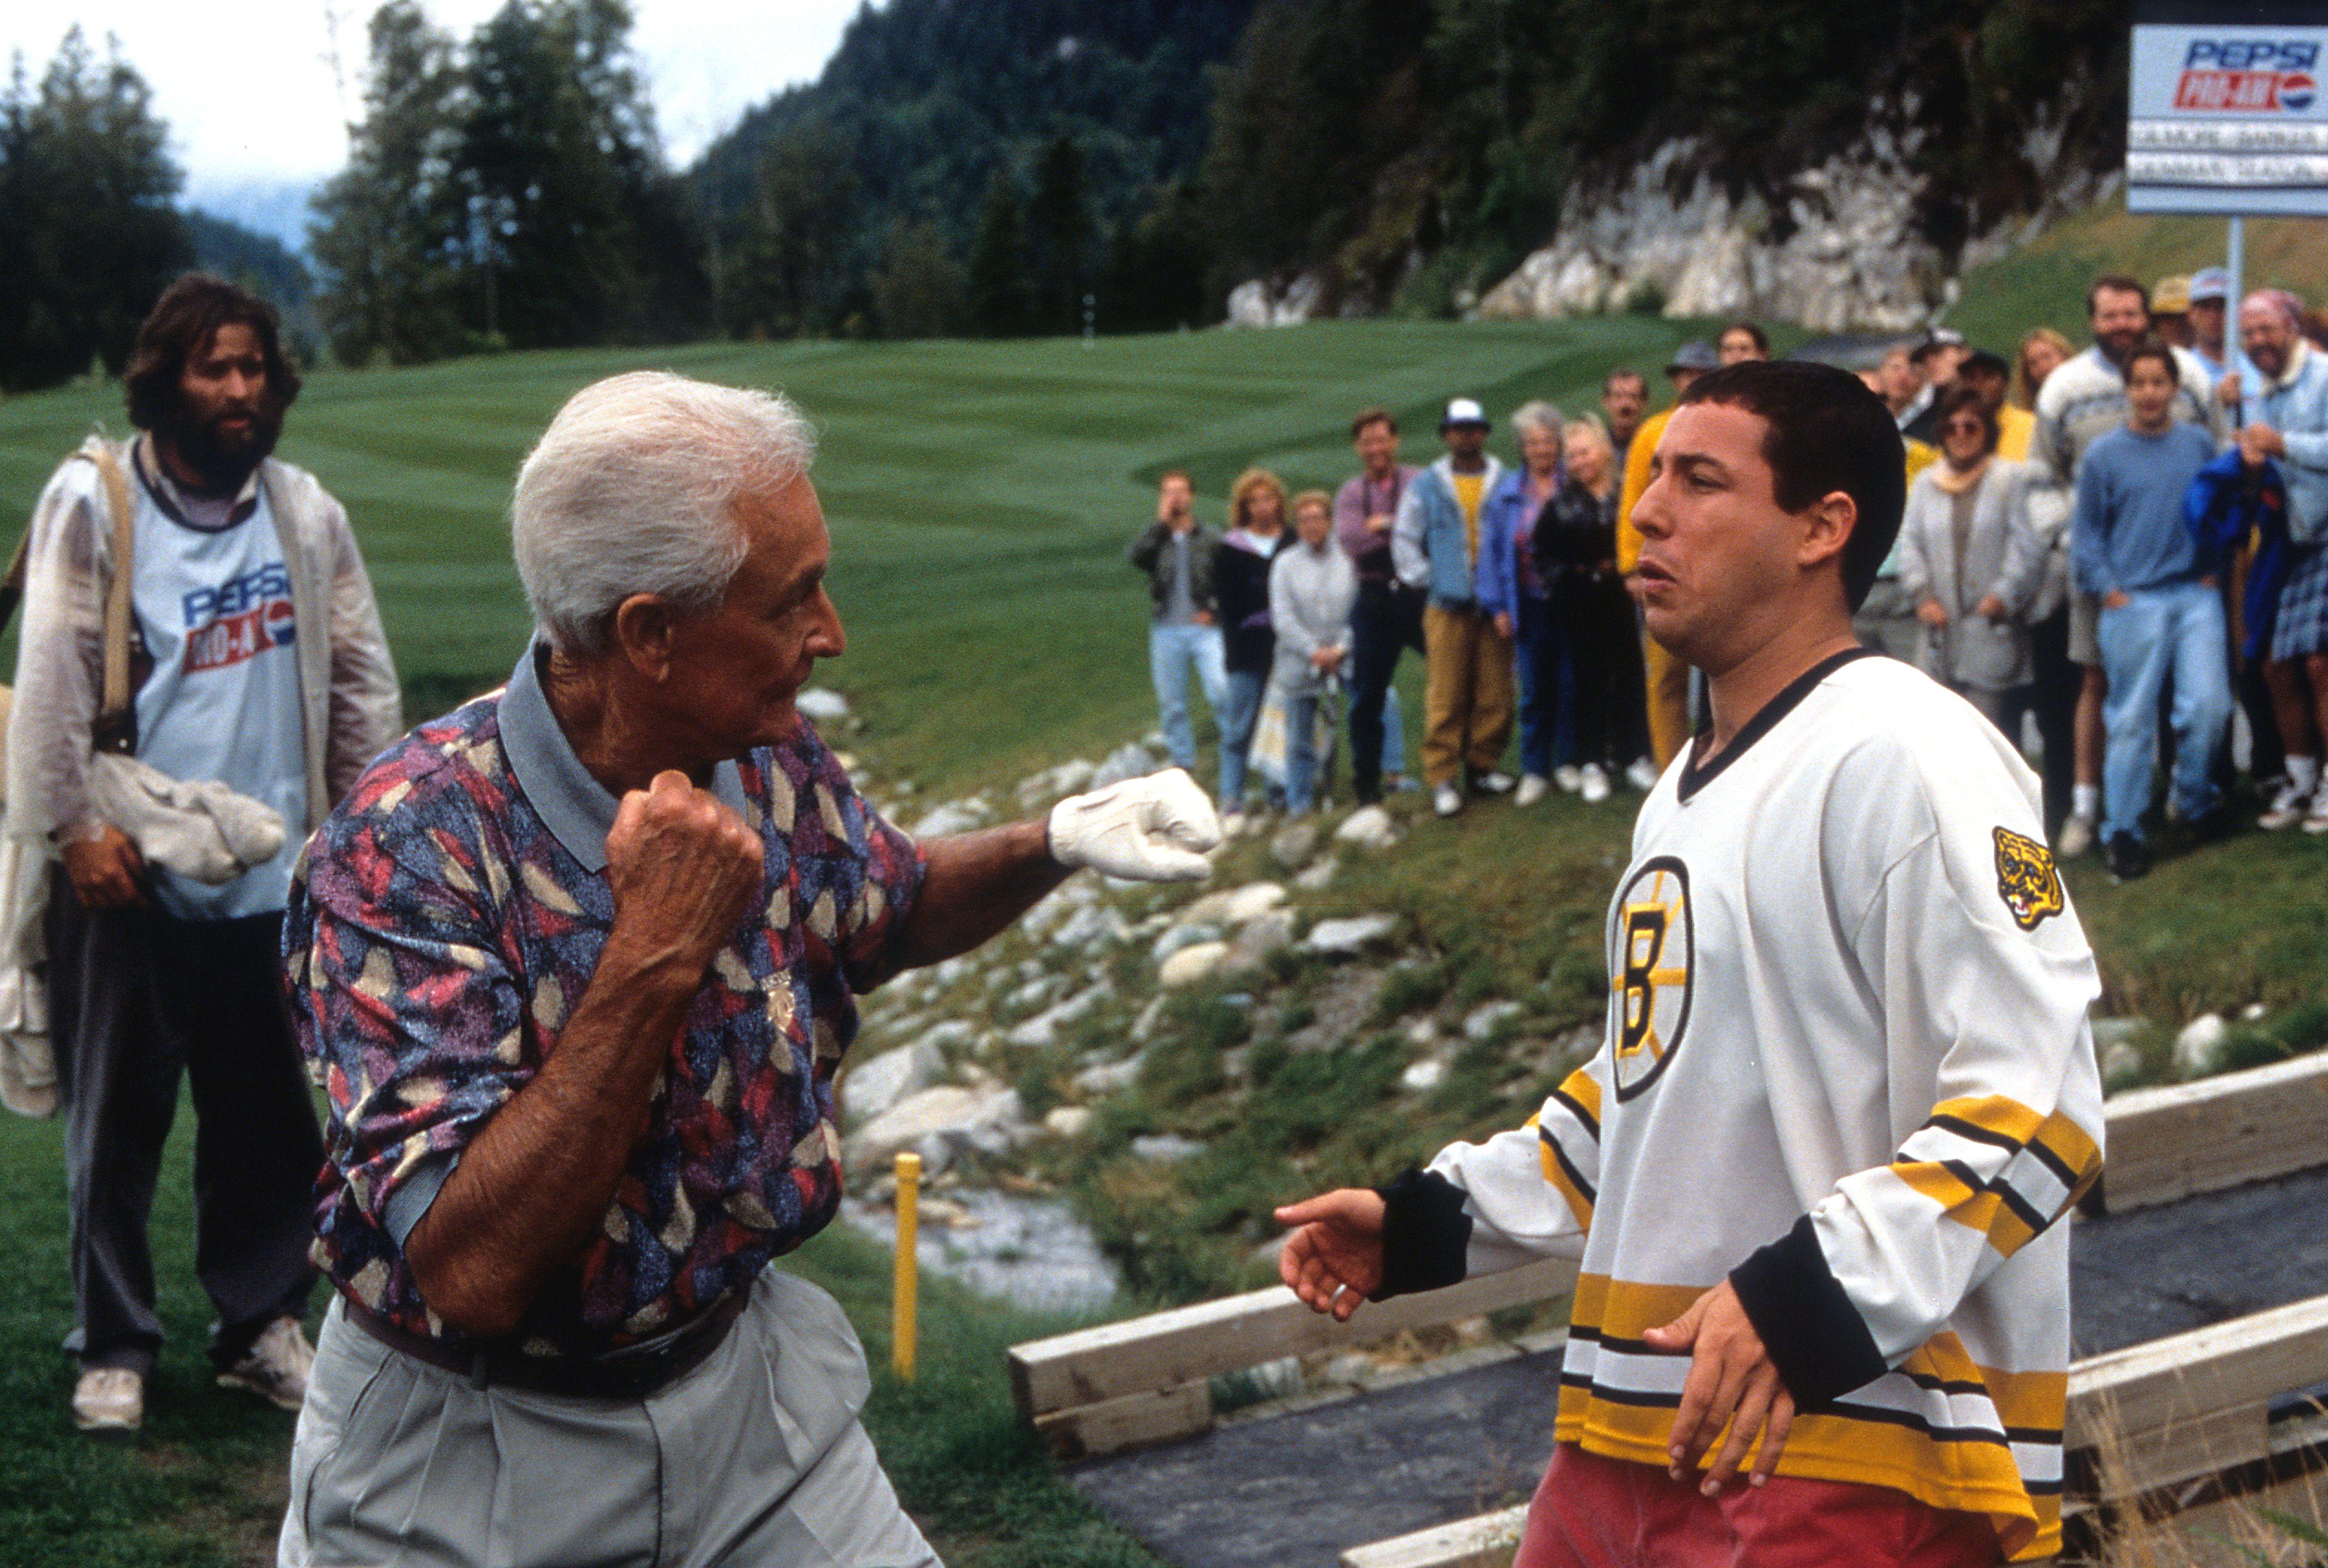 The Bob Barker fist fight scene from Happy Gilmore movie